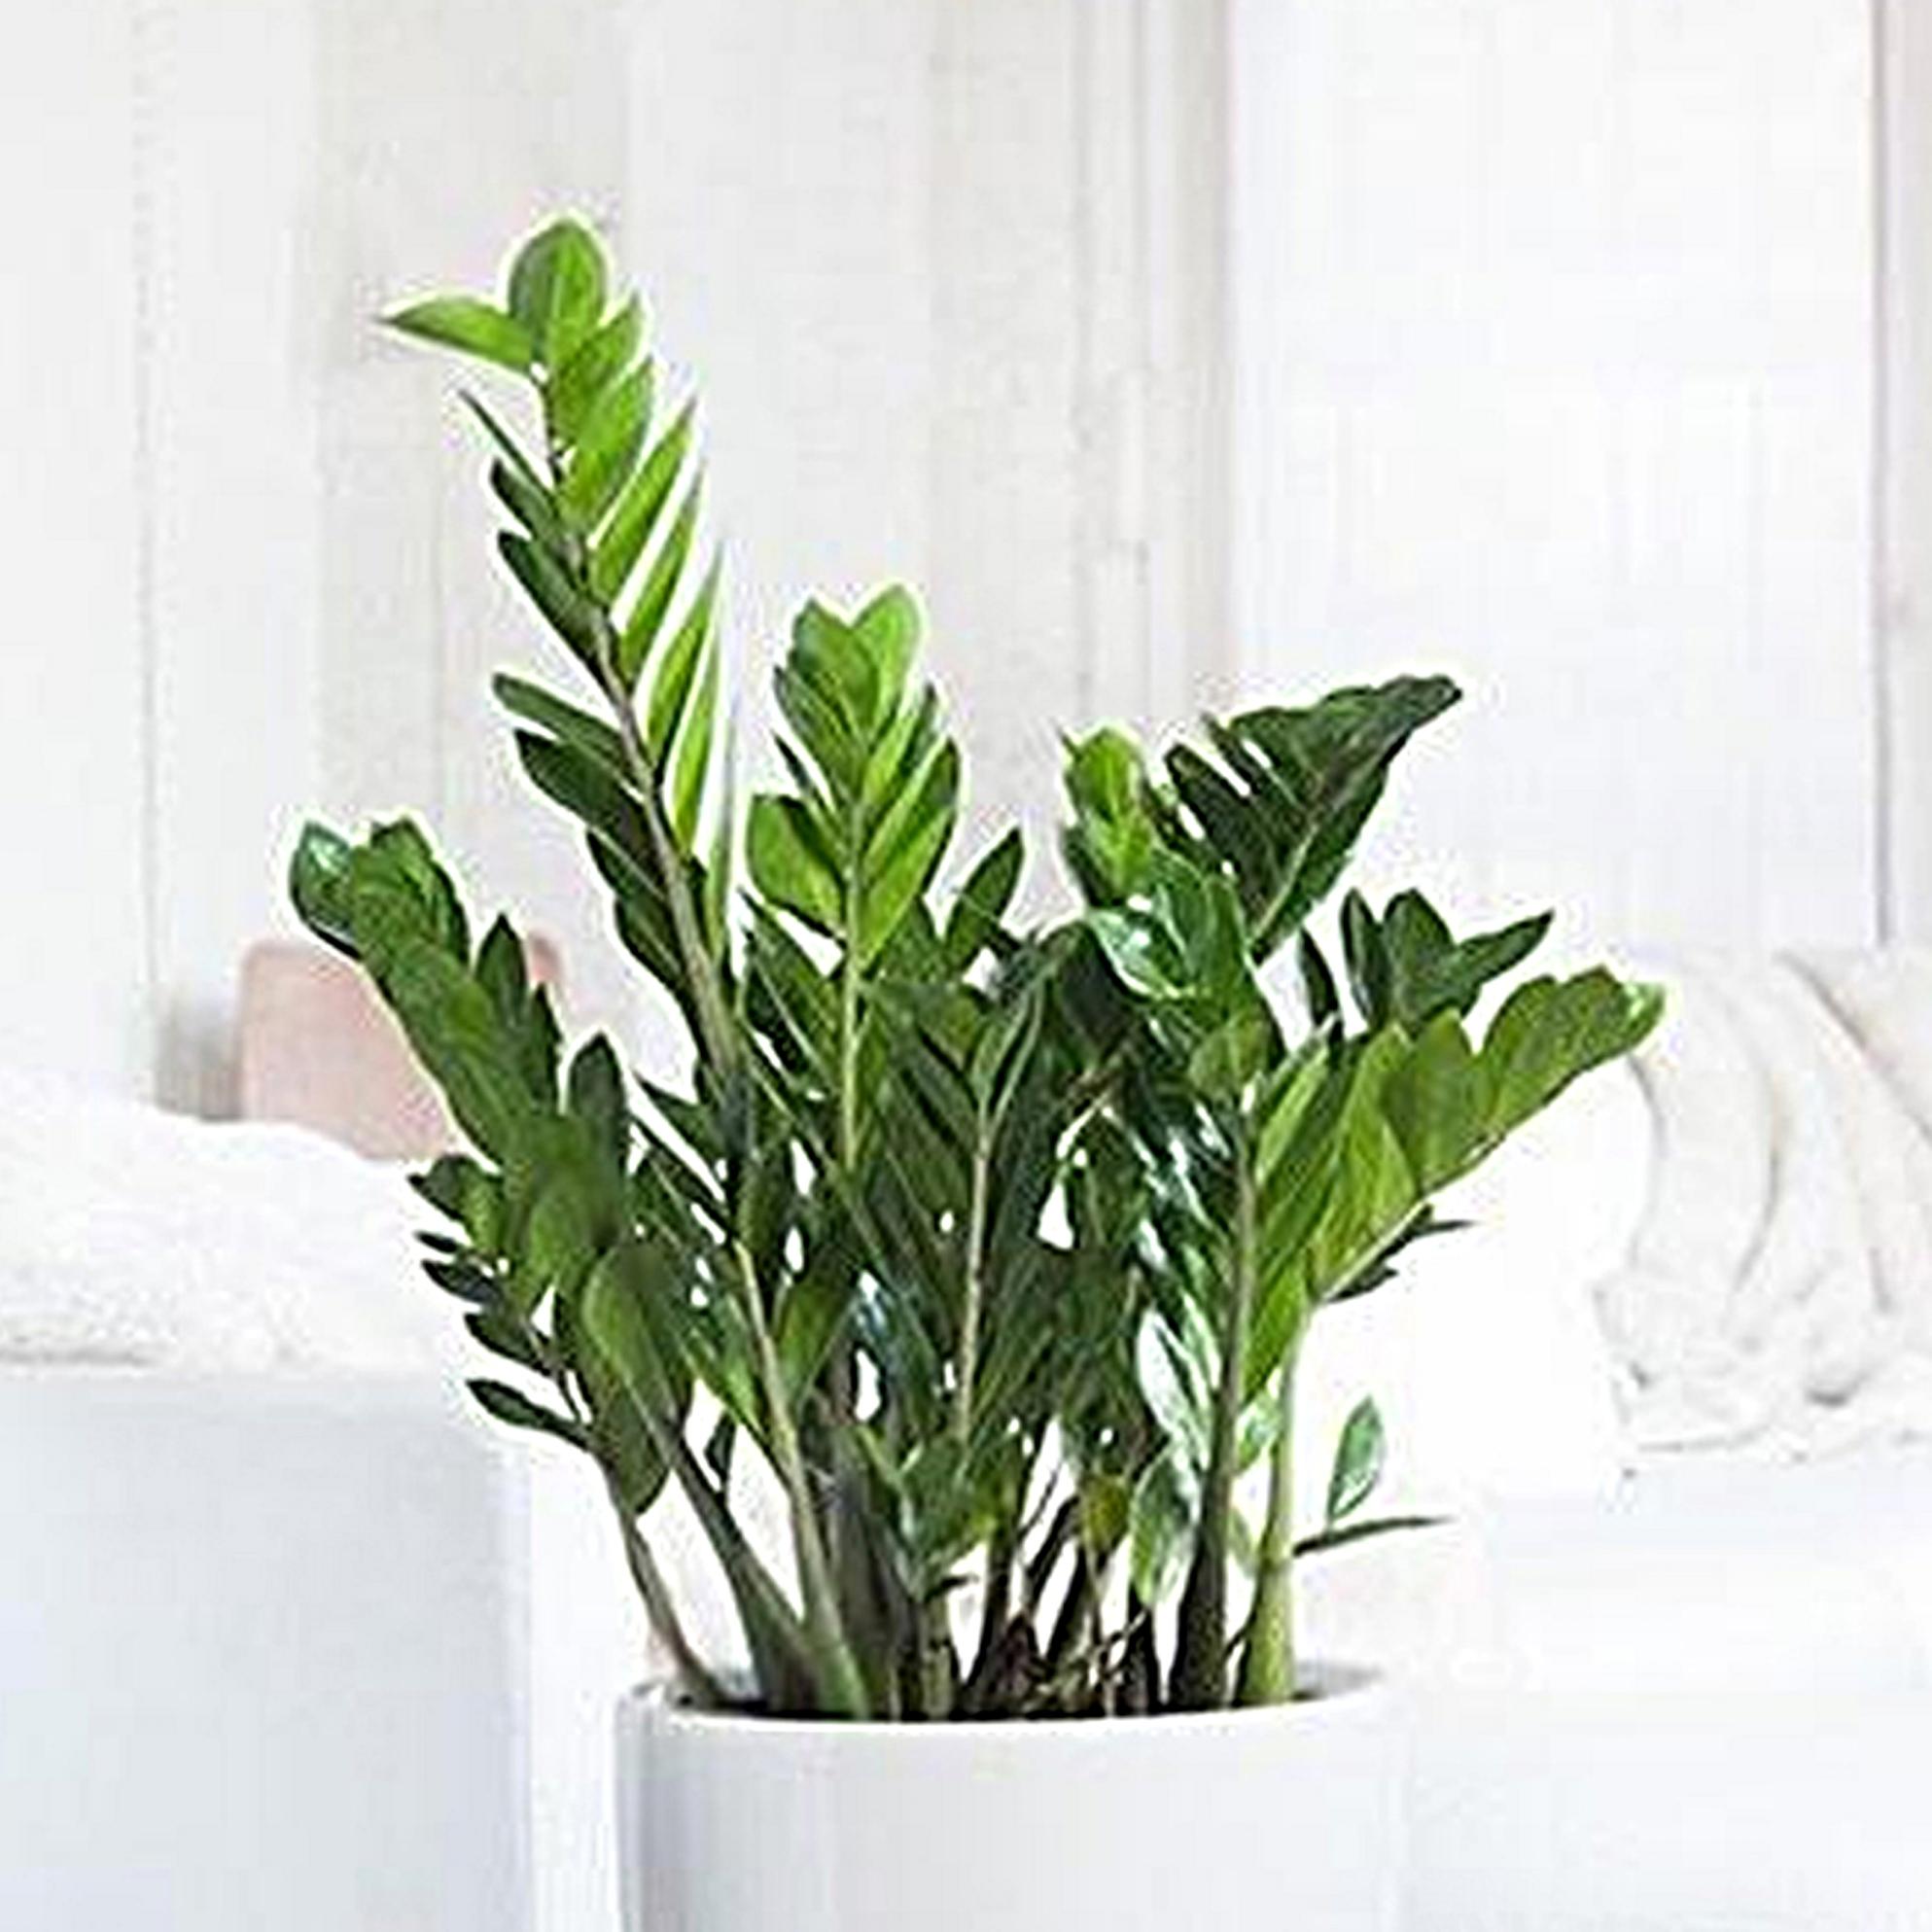 ZZ plant - Zamioculcas -